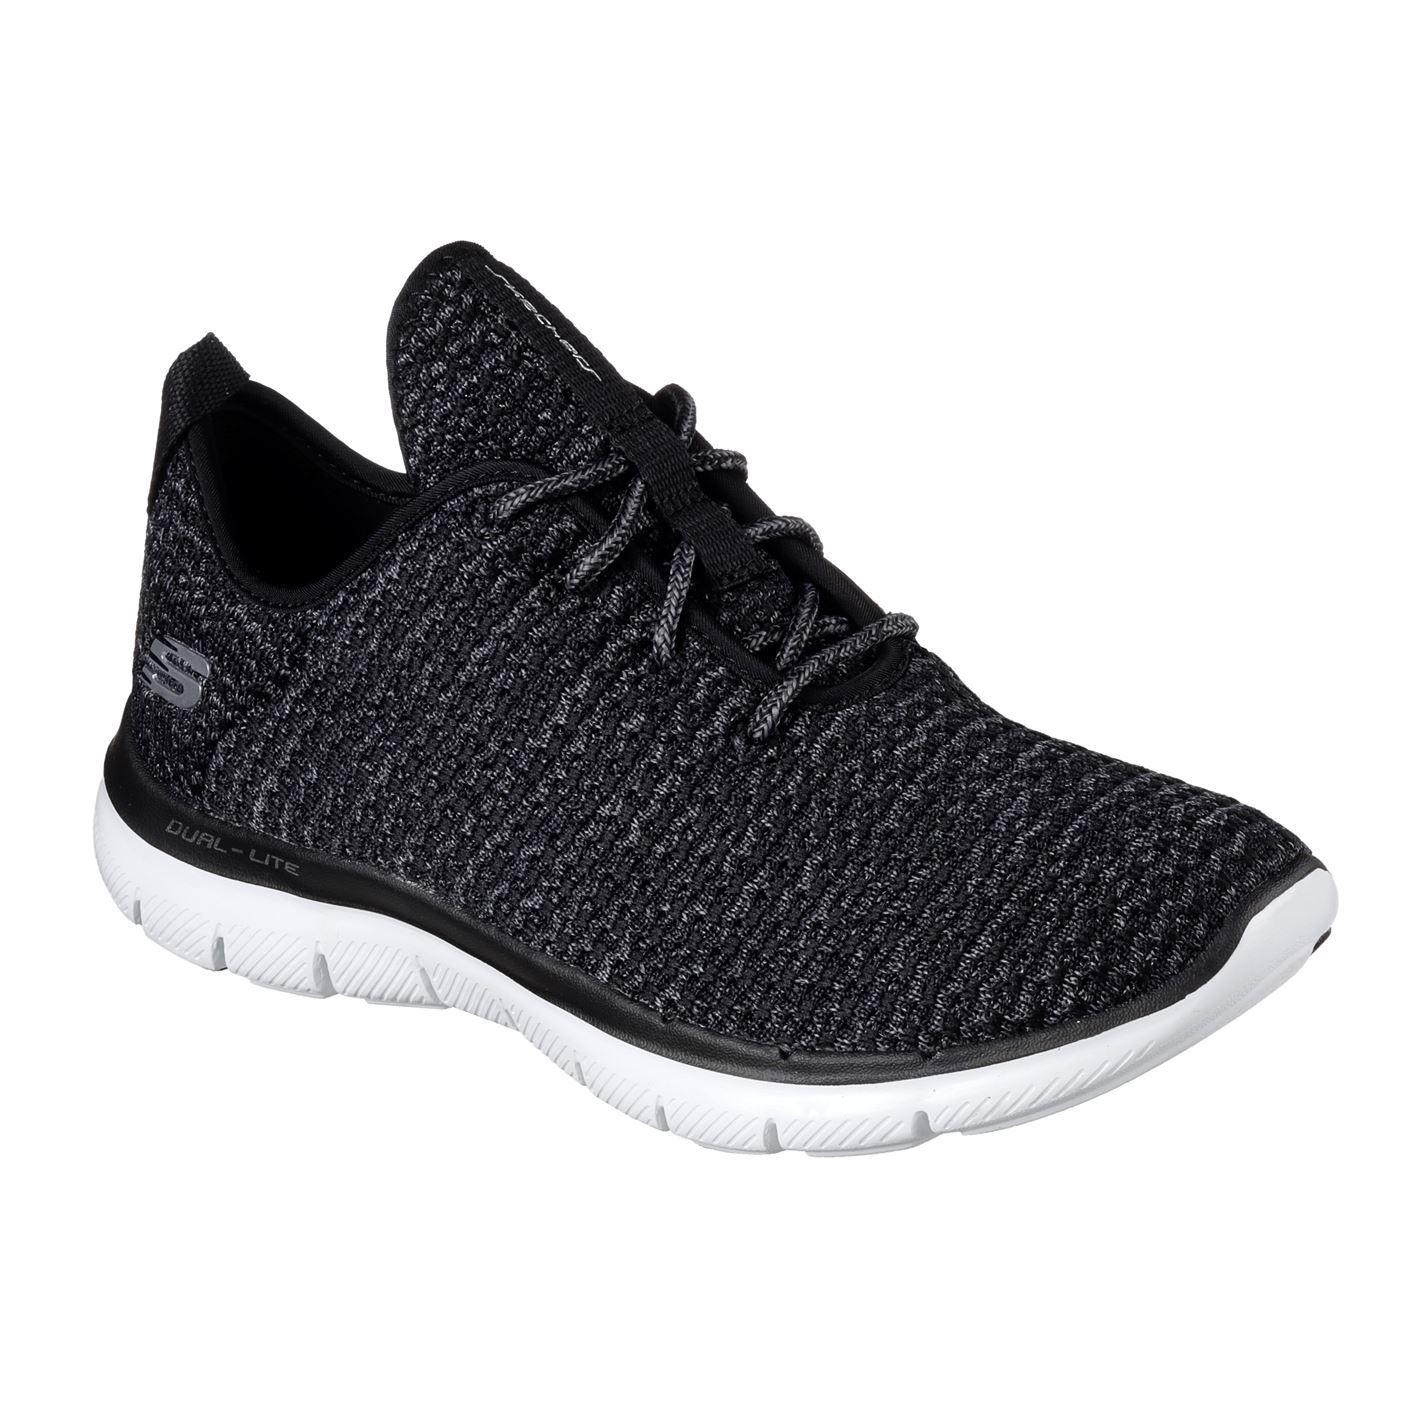 5d3c5ee0b37 ... Skechers Flex llamado 2.0 señoras formadores negro zapatos para mujer  calzado ...